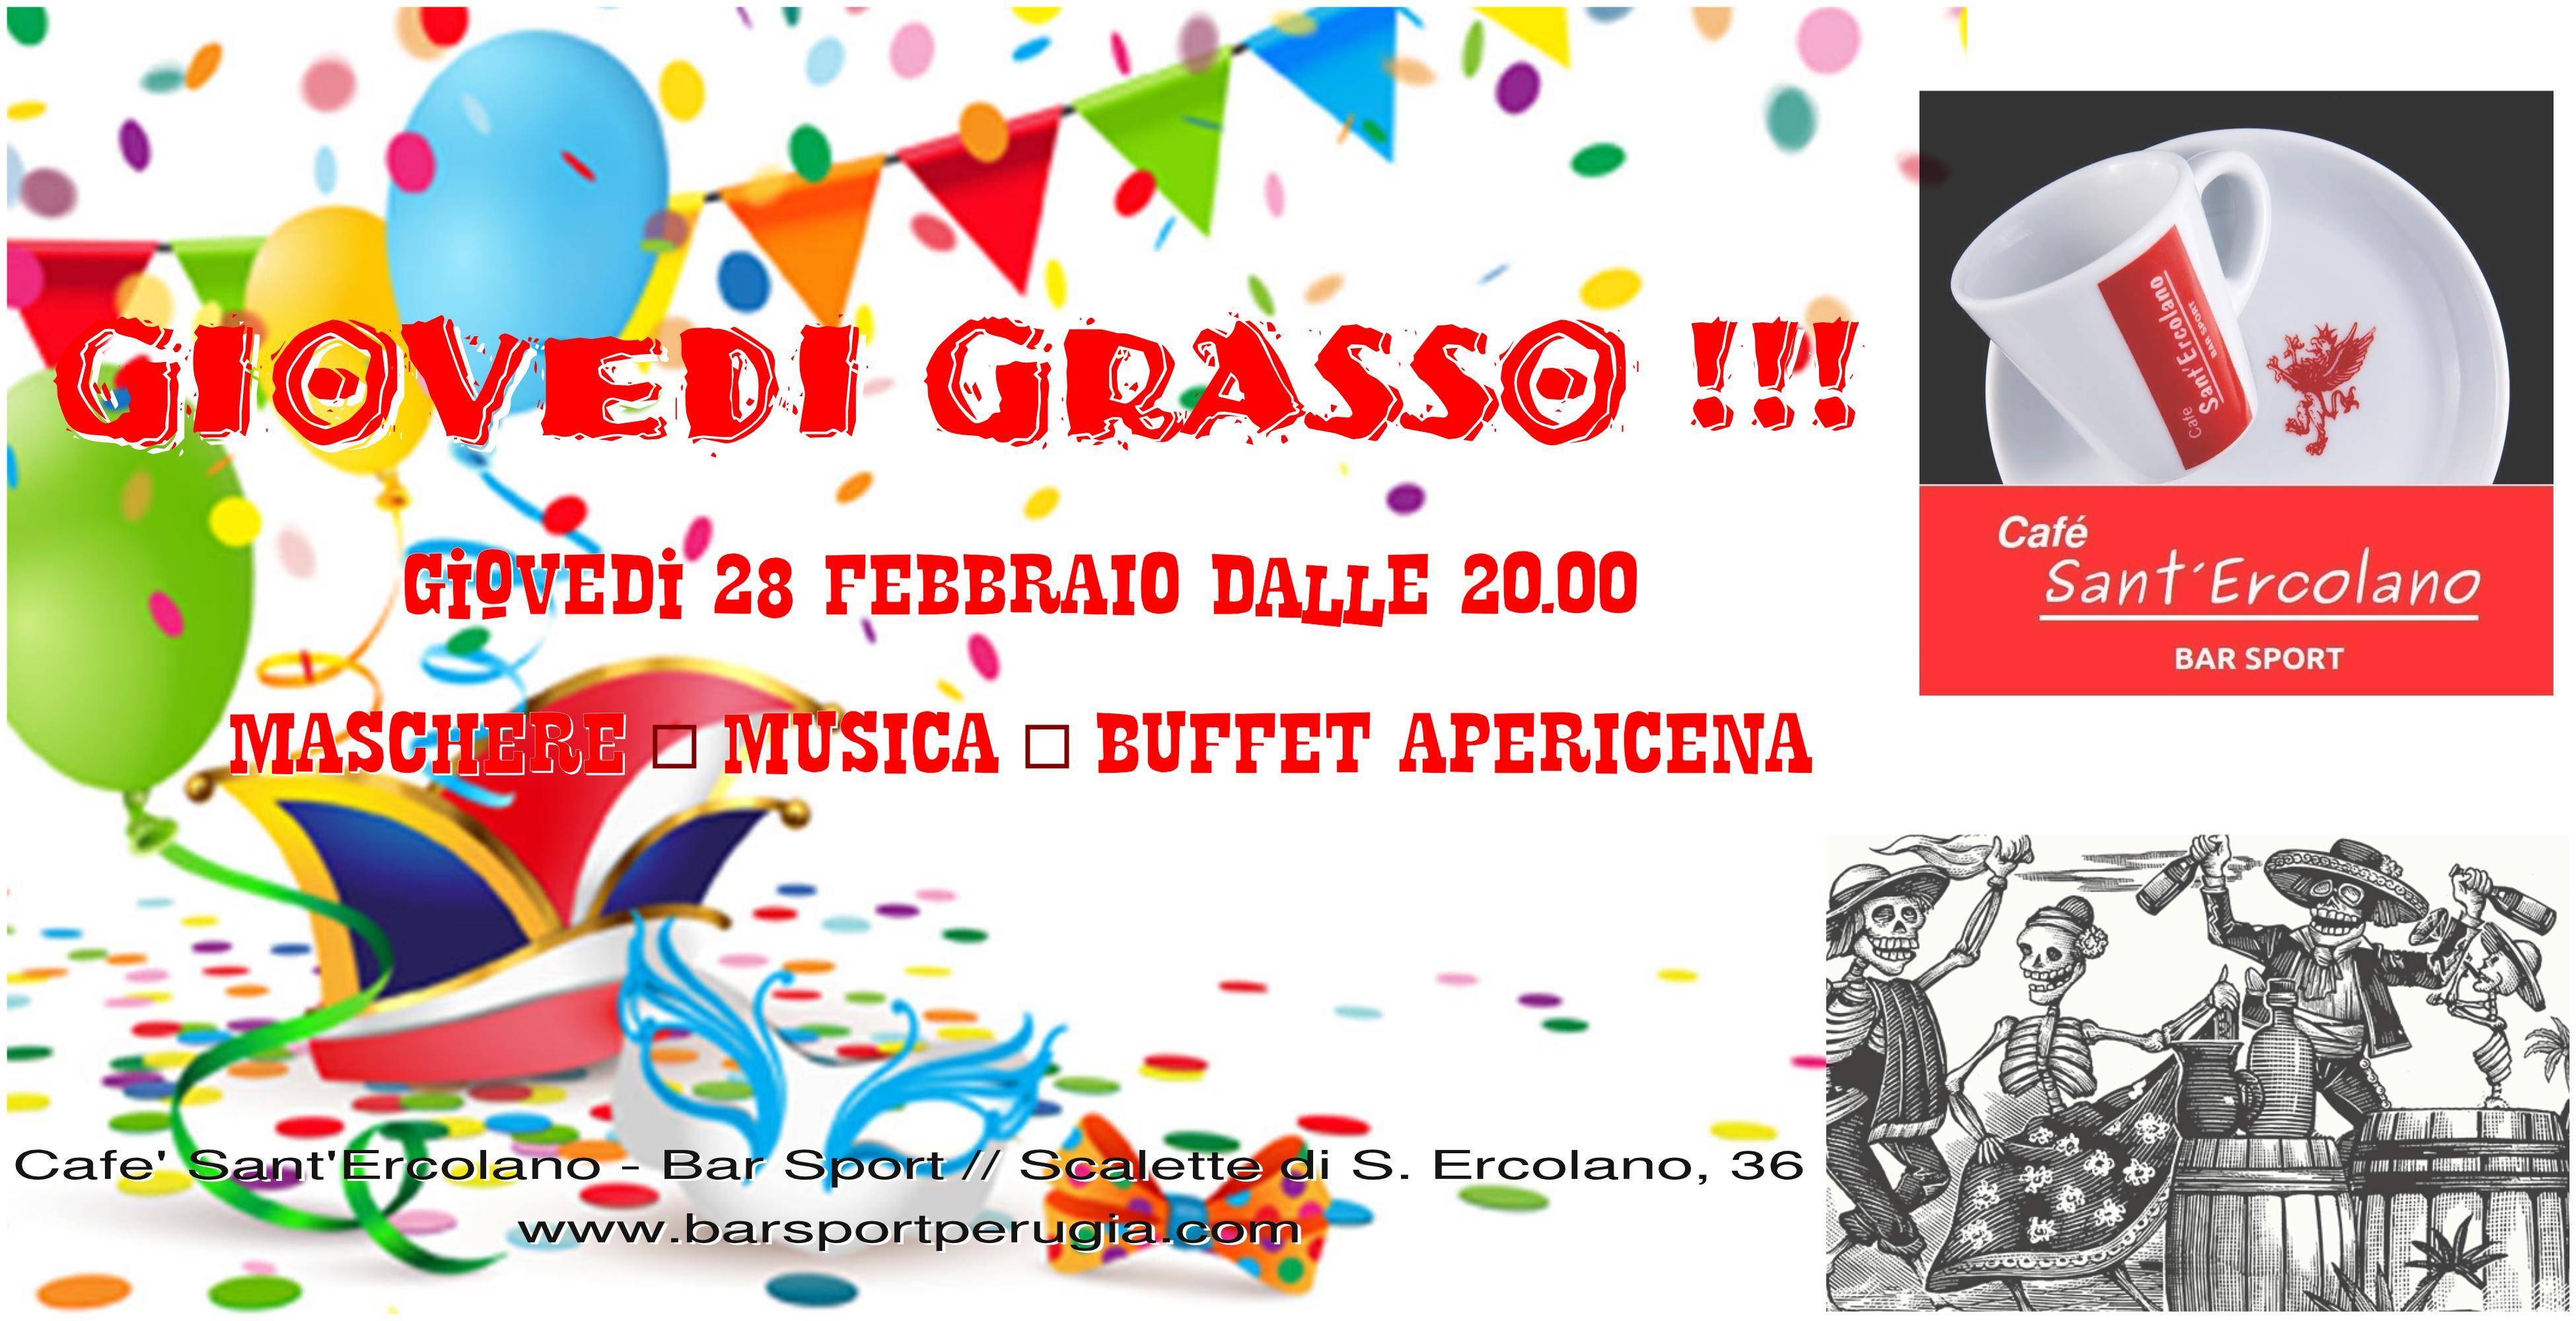 Govedi Grasso !!!